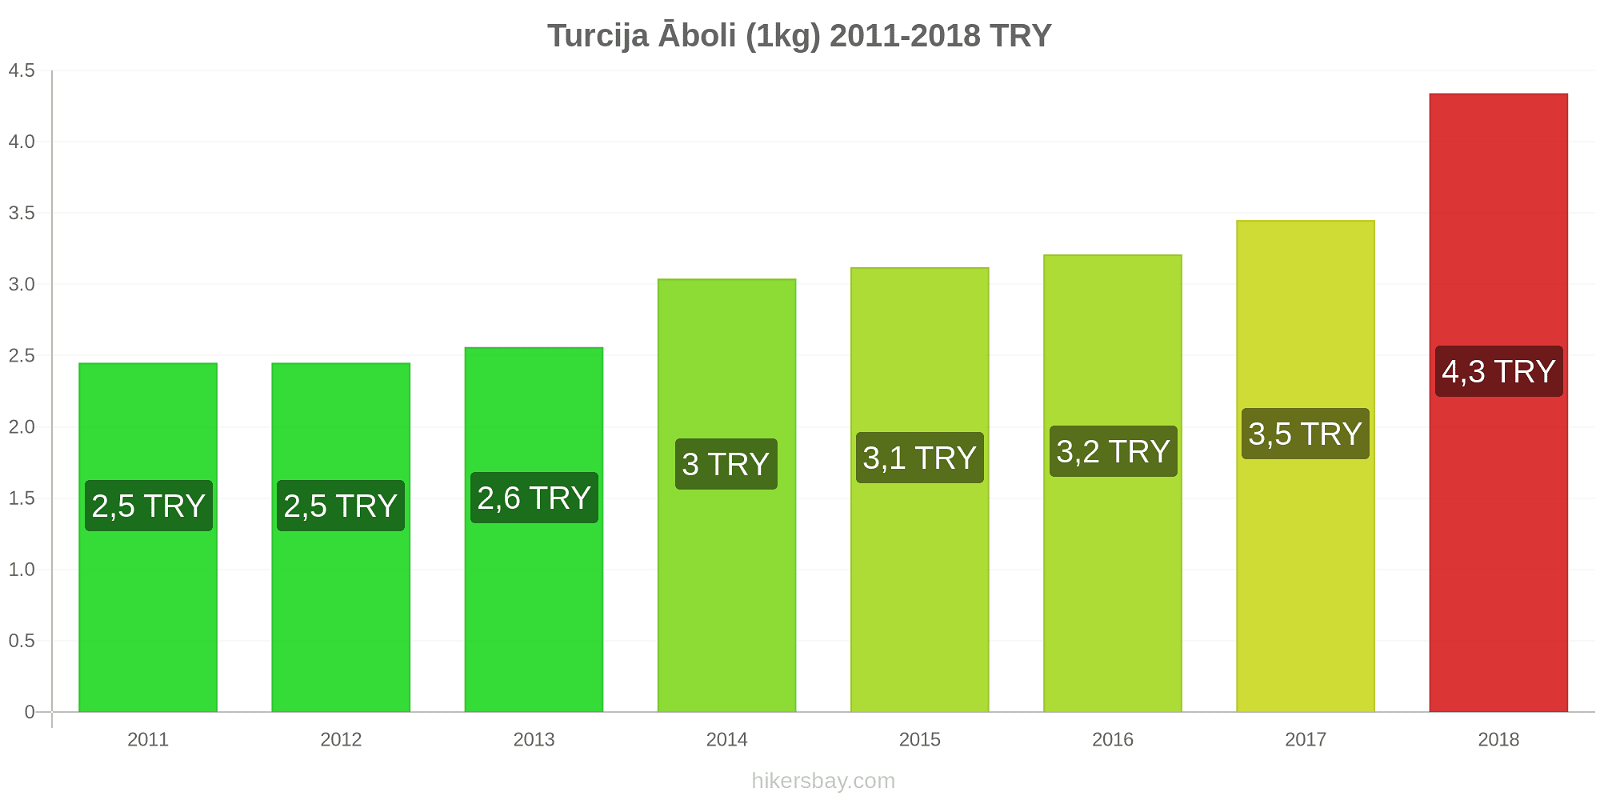 Turcija cenu izmaiņas Āboli (1kg) hikersbay.com